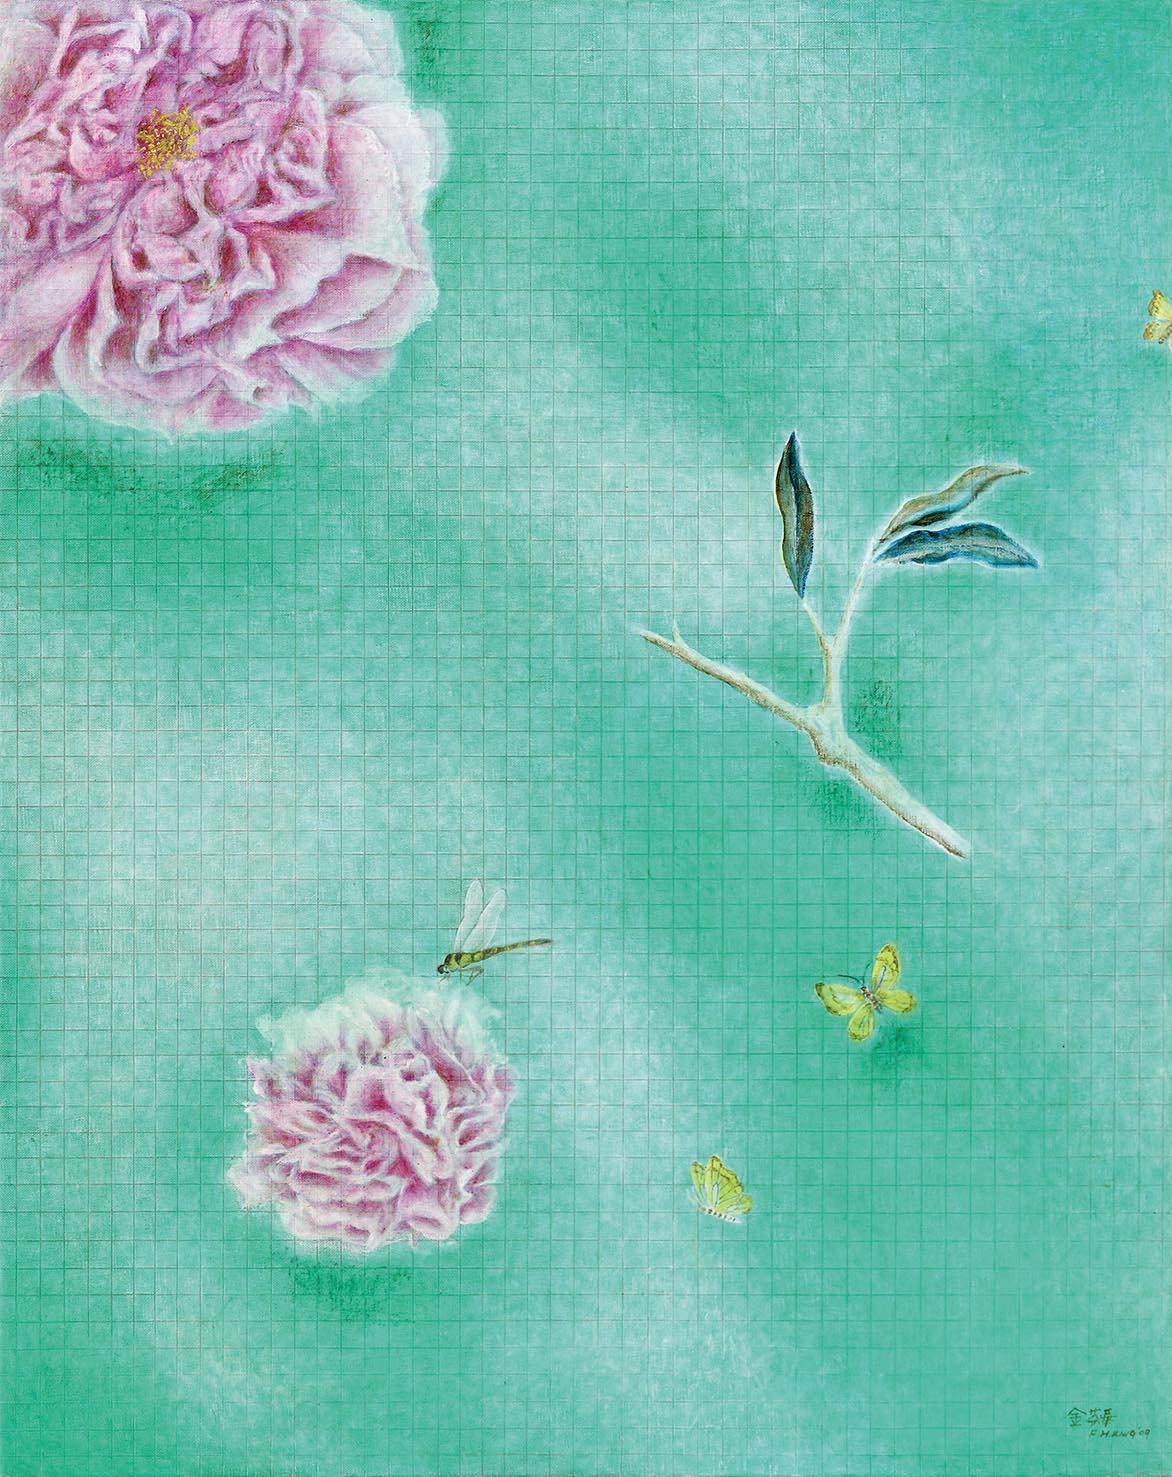 金芬華 花開富貴 油彩畫布 91x72.5cm